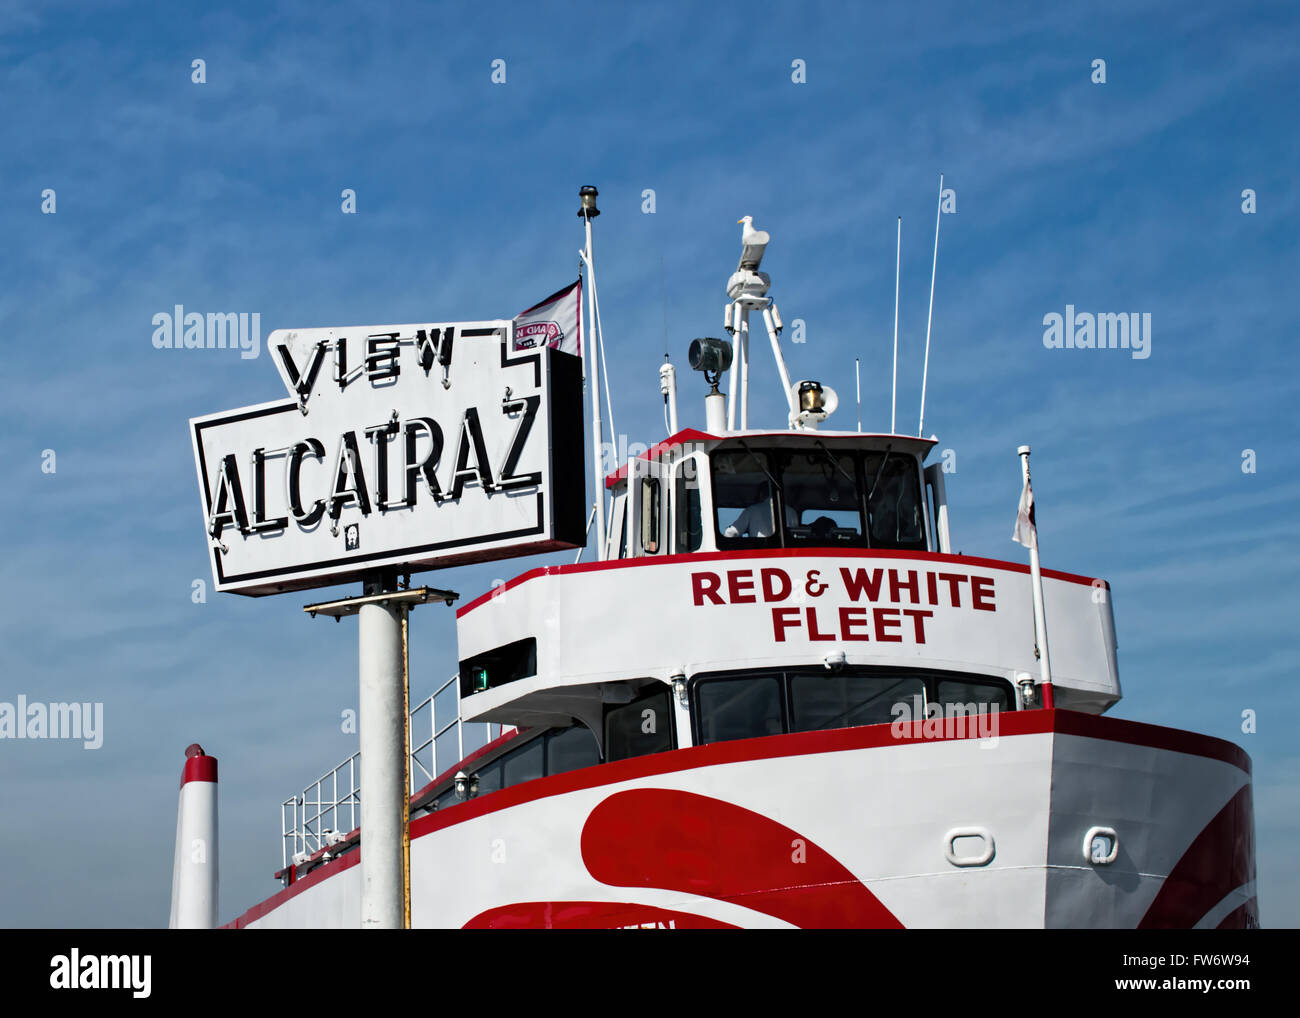 Alcatraz Flyer at the doc of San Francisco's harbor, ready for cruises to Alcatraz - Stock Image